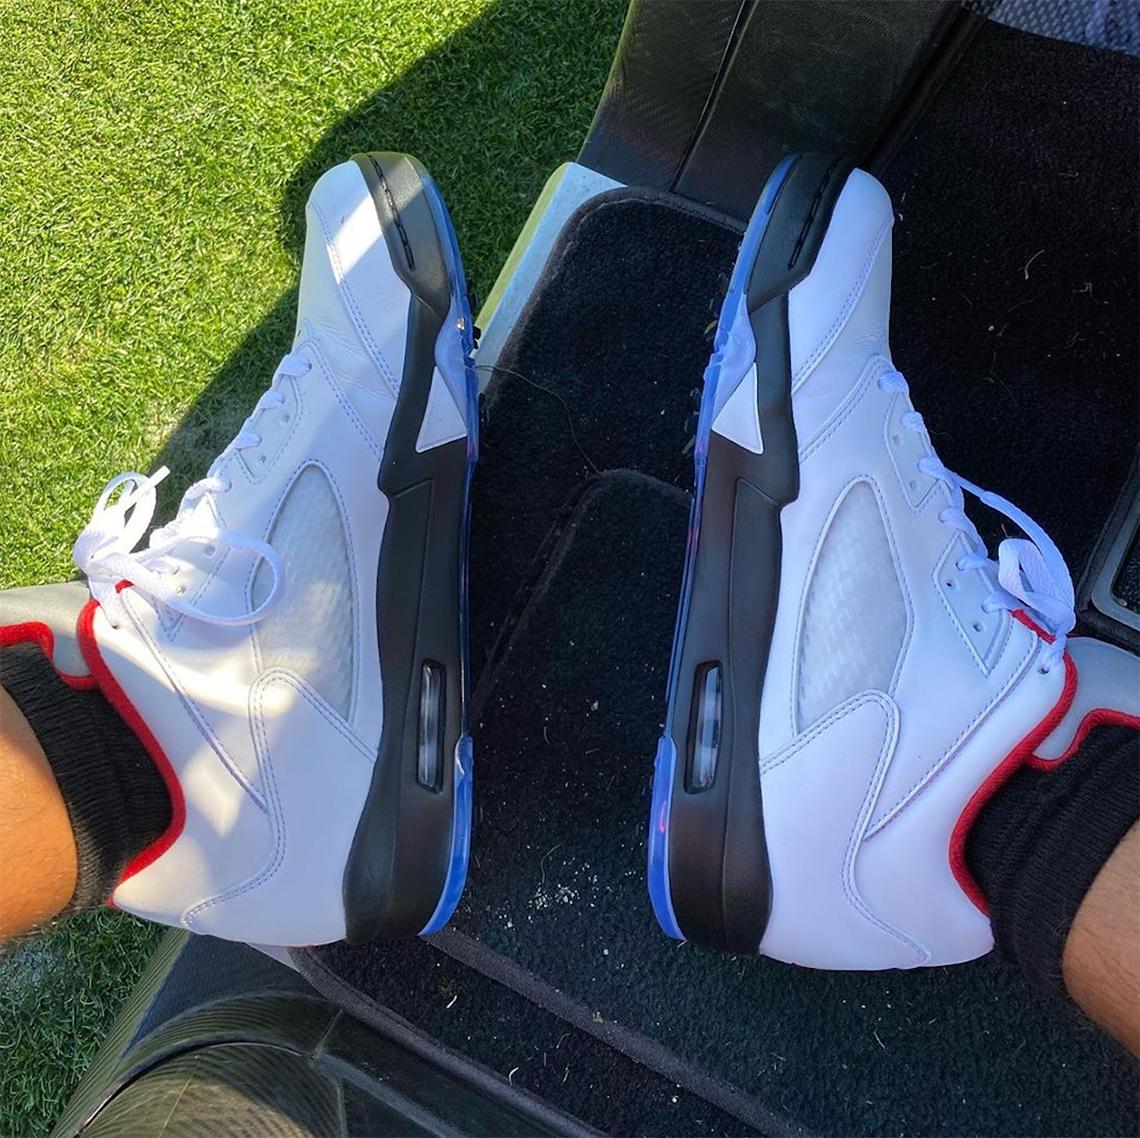 Air Jordan 4 Air Jordan 5 Golf Shoes